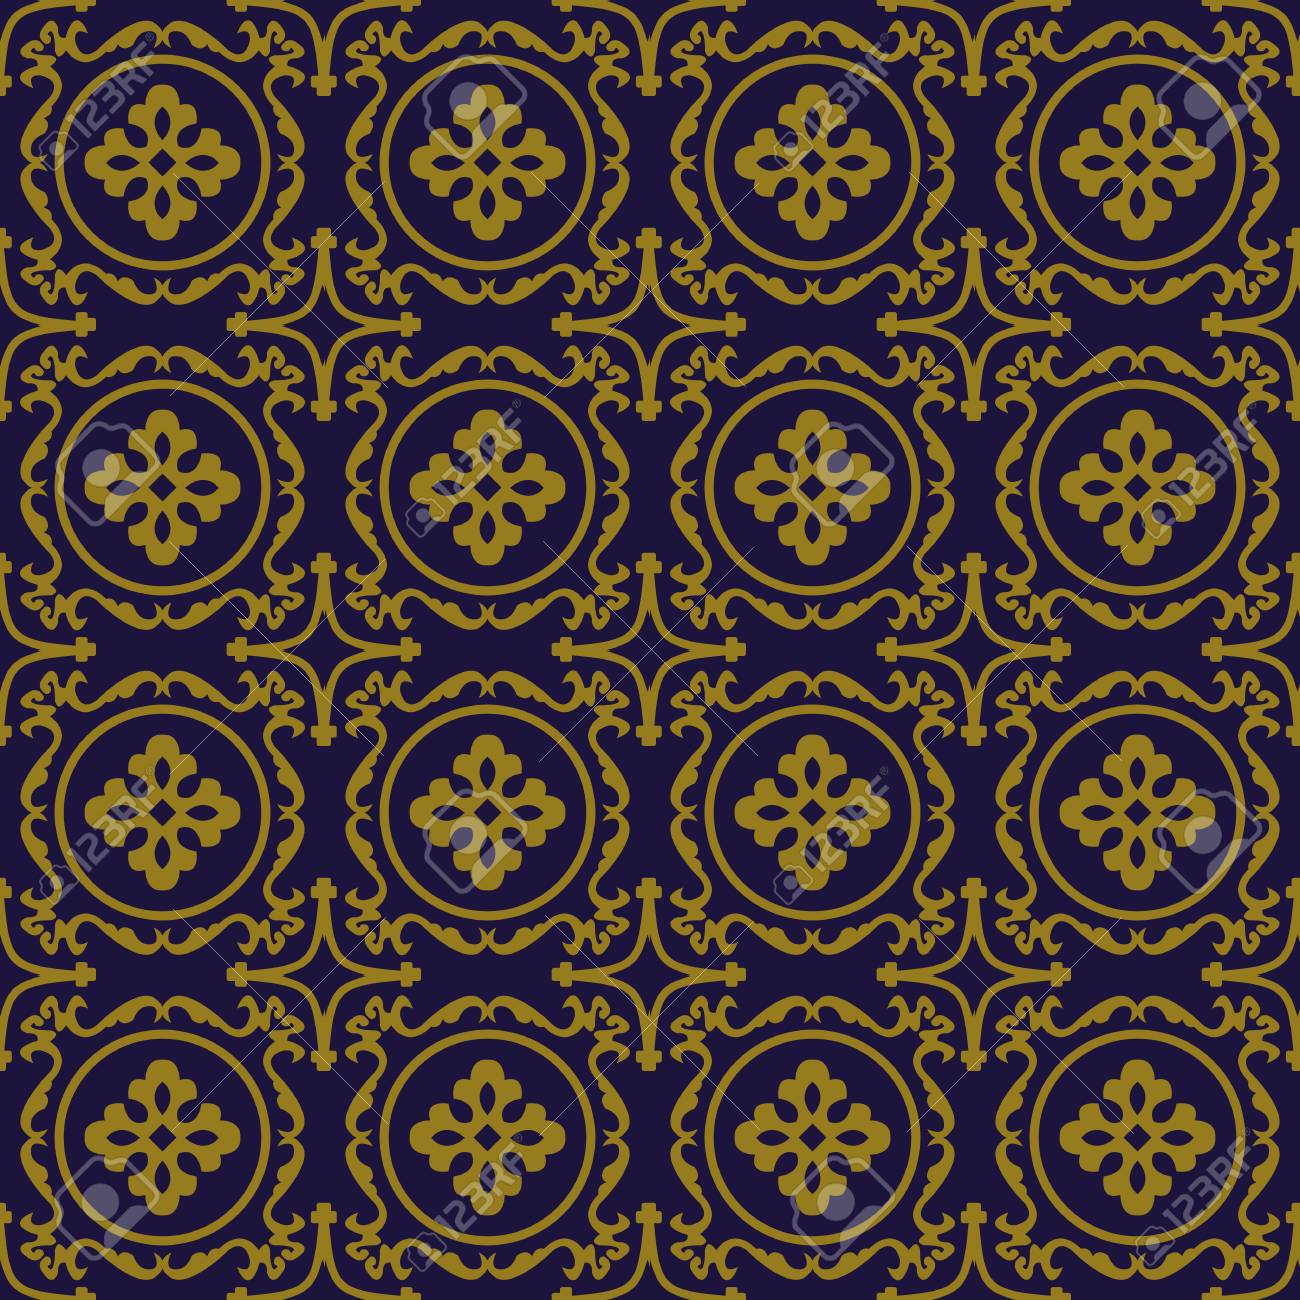 Caleidoscopio A Spirale A Foglia D\'argento Clipart Royalty-free ...